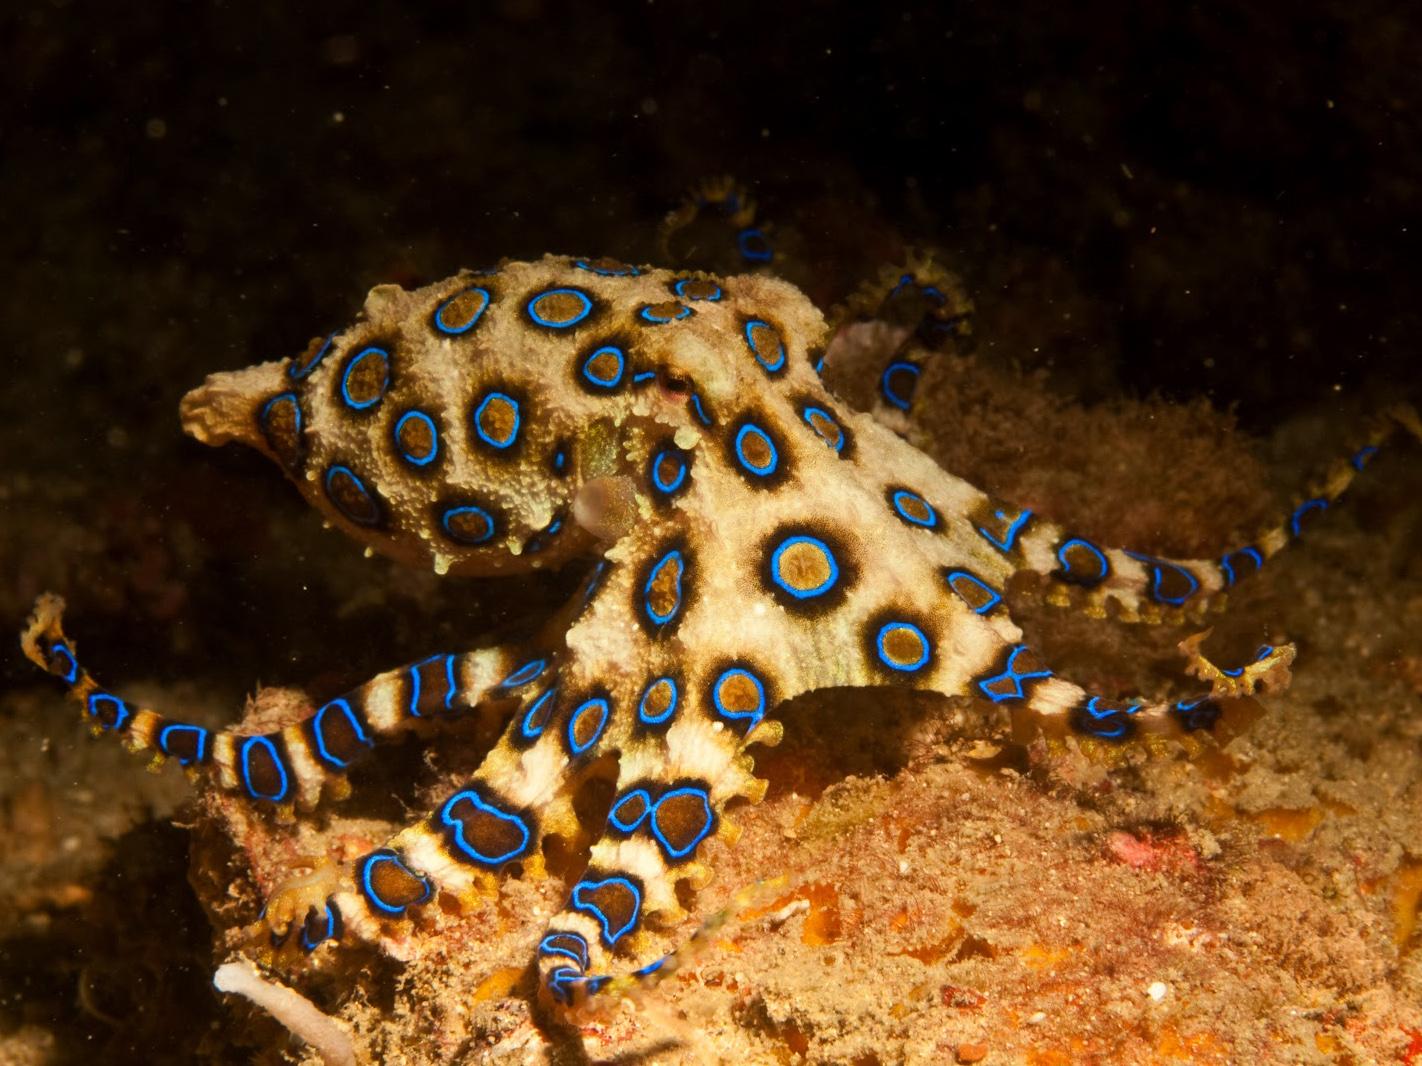 blue ring octopus Australia Dangerous Creature